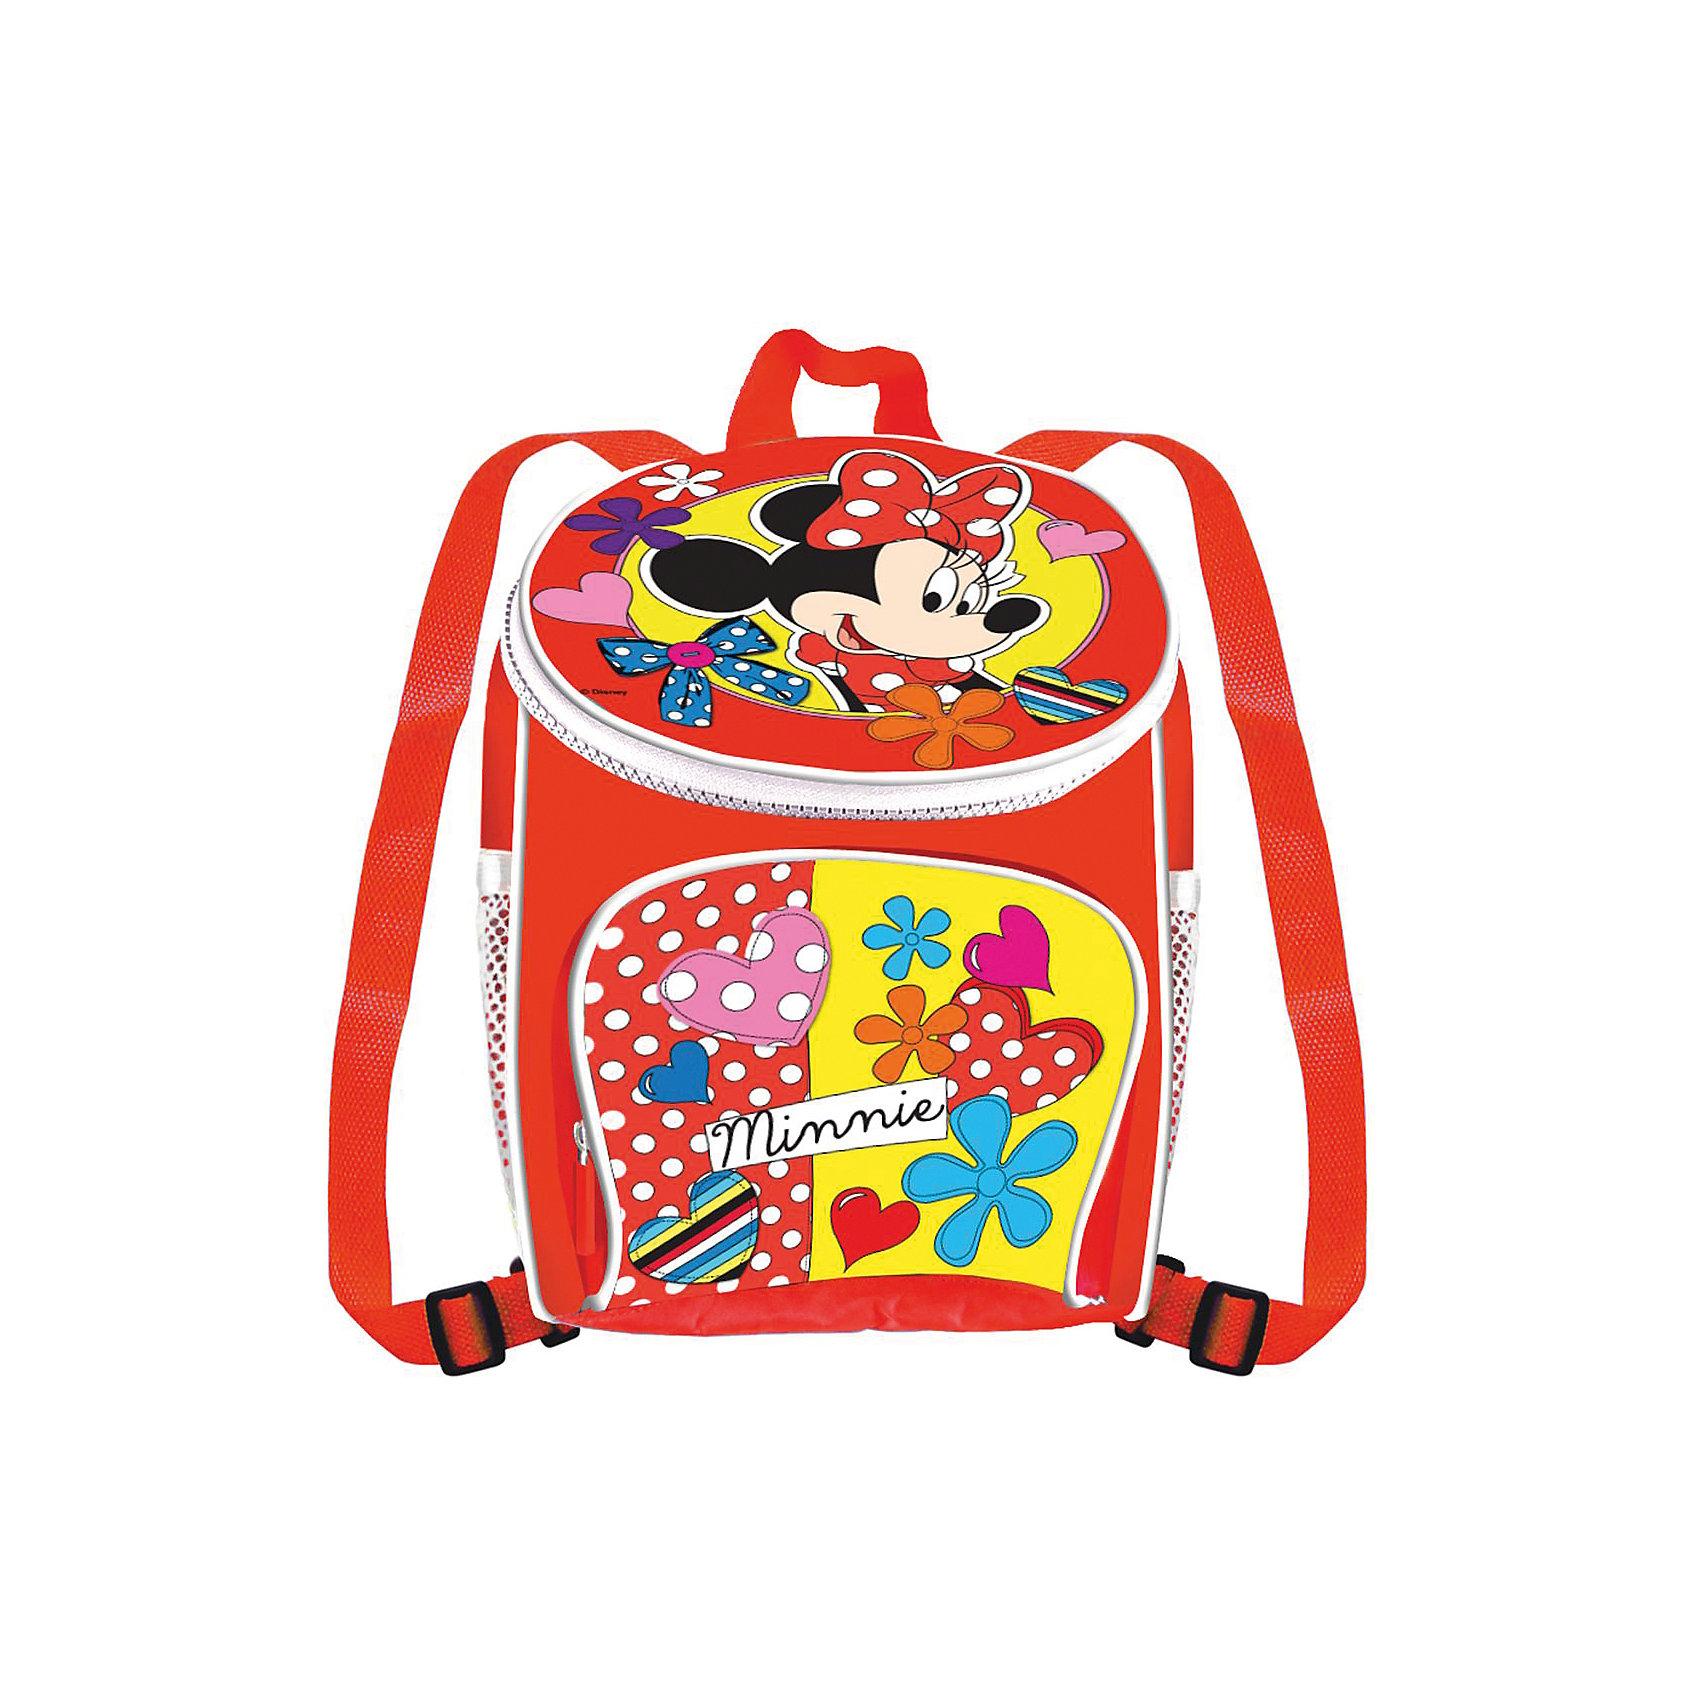 Набор для росписи рюкзака Минни МаусМинни Маус<br>Набор для росписи рюкзака Минни Маус, Disney - увлекательный набор для творчества, который станет отличным подарком для Вашей девочки. Она сможет своими руками расписать удобный практичный аксессуар, который будет с удовольствием носить с собой в школу или на прогулку. На рюкзак уже нанесен контур рисунка с изображением очаровательной мышки Минни из диснеевских мультфильмов, нужно лишь раскрасить его детали согласно своей фантазии. Чтобы рисунок получился интереснее, можно создать новые оттенки, смешав цвета маркеров. Рюкзак оснащен двумя регулируемыми плечевыми ремнями и ручкой для транспортировки, на лицевой части большой карман на молнии, по бокам два маленьких сетчатых кармана. Раскрашенный аксессуар пригоден для ручной стирки при температуре воды до 30°C. Набор развивает мелкую моторику, глазомер, цветовосприятие и художественный вкус.<br> <br>Дополнительная информация:<br><br>- В комплекте: рюкзак размером с нанесенным контуром рисунка, 5 перманентных маркера.<br>- Размер упаковки: 20,5 х 8 х 28 см.<br>- Вес: 0,367 кг.<br><br>Набор для росписи рюкзака Минни Маус, Disney, можно купить в нашем интернет-магазине.<br><br>Ширина мм: 215<br>Глубина мм: 80<br>Высота мм: 280<br>Вес г: 367<br>Возраст от месяцев: 60<br>Возраст до месяцев: 96<br>Пол: Женский<br>Возраст: Детский<br>SKU: 4046853